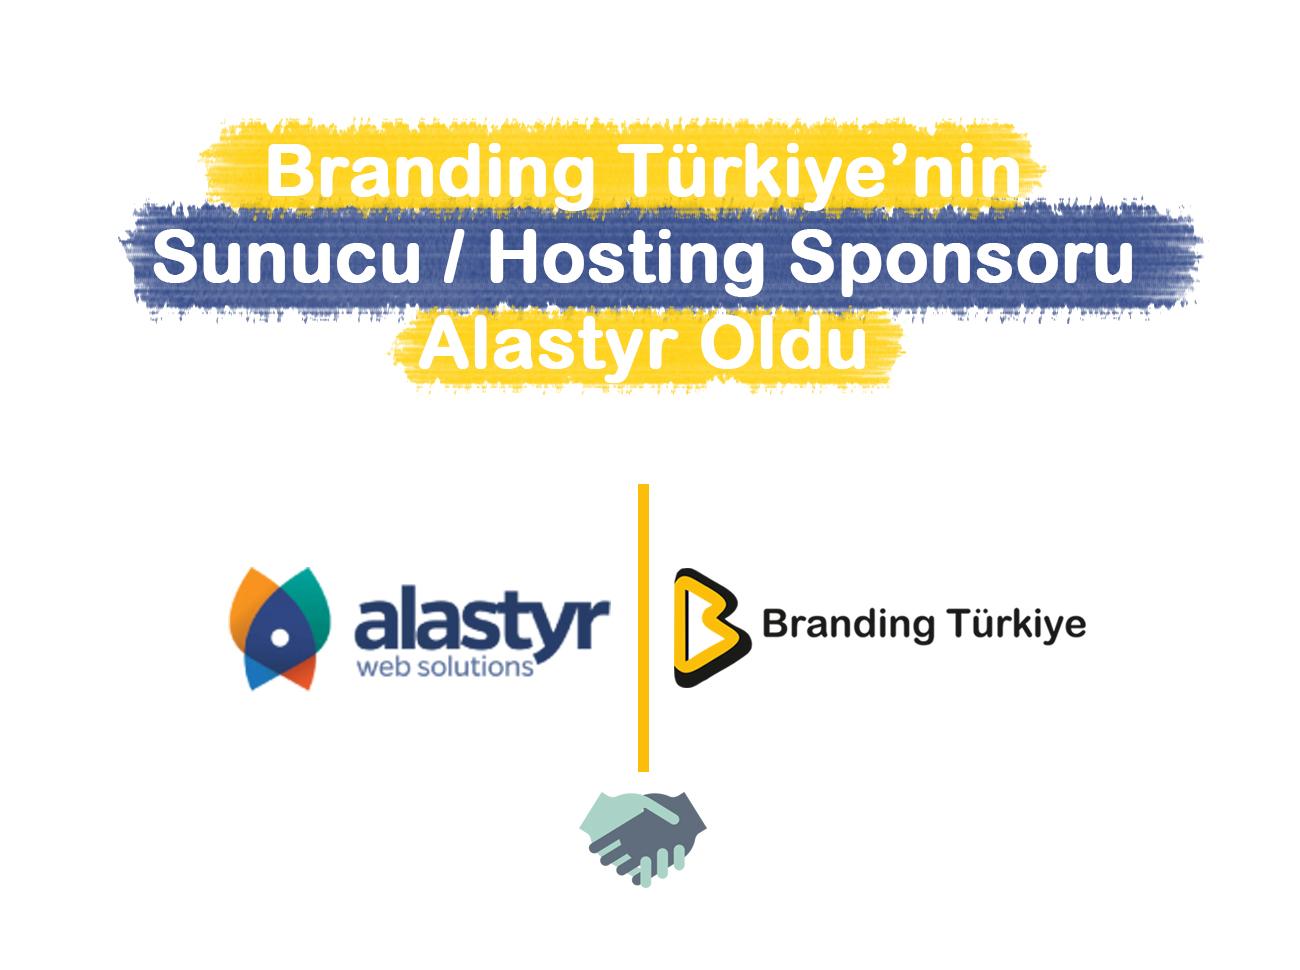 Branding Türkiye'nin Hosting / Sunucu Sponsoru Alastyr Oldu